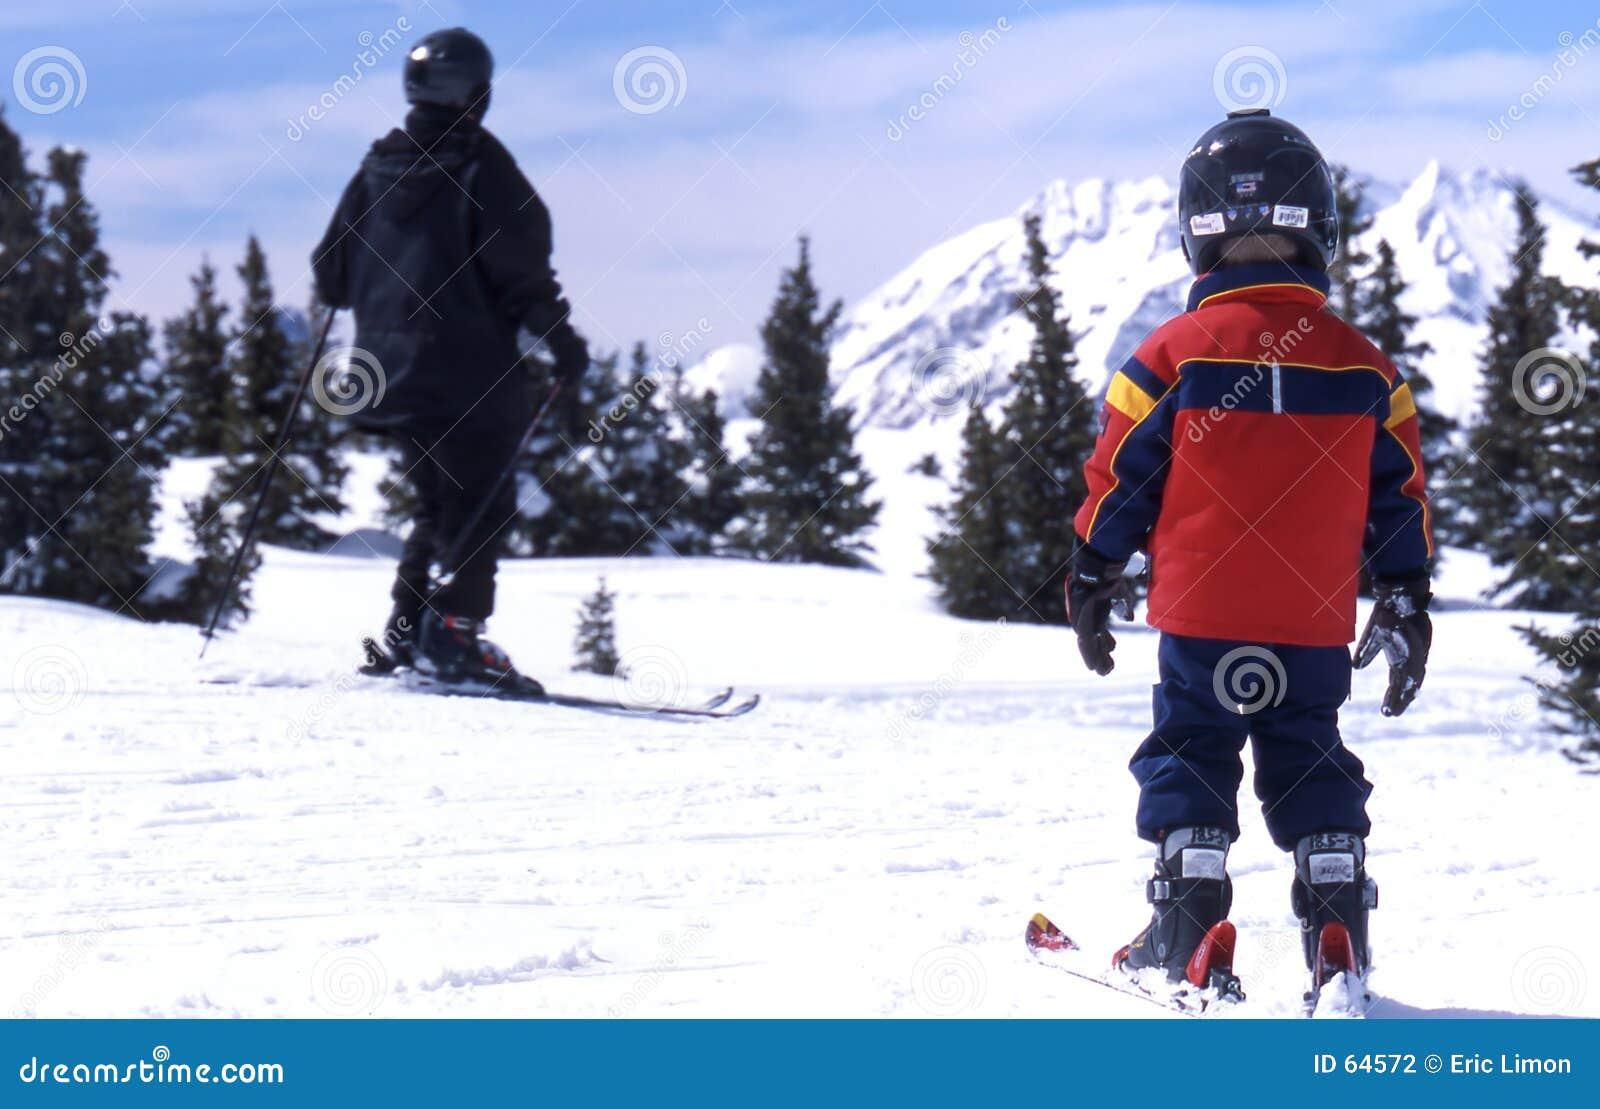 Download Skieur d'enfant photo stock. Image du skieur, arbres, alpestre - 64572